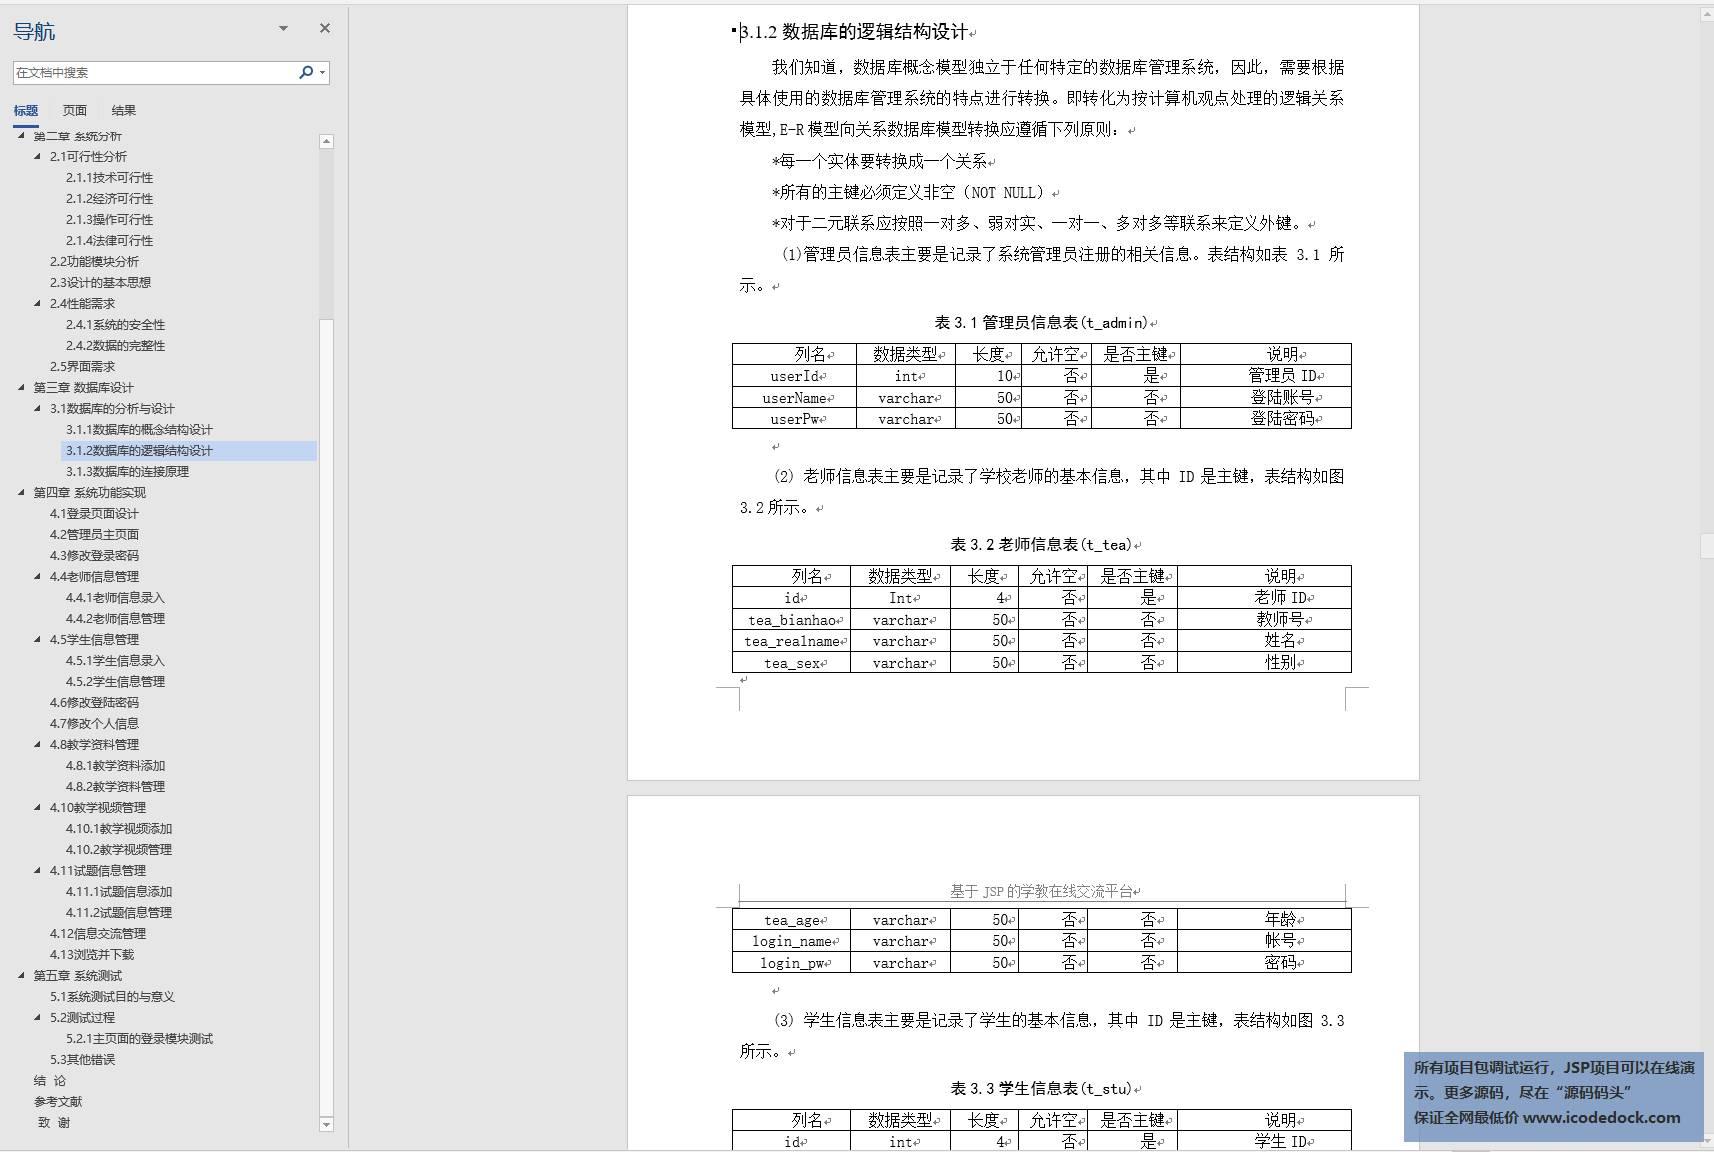 源码码头-JSP师生交流学习管理系统-设计文稿-数据库设计